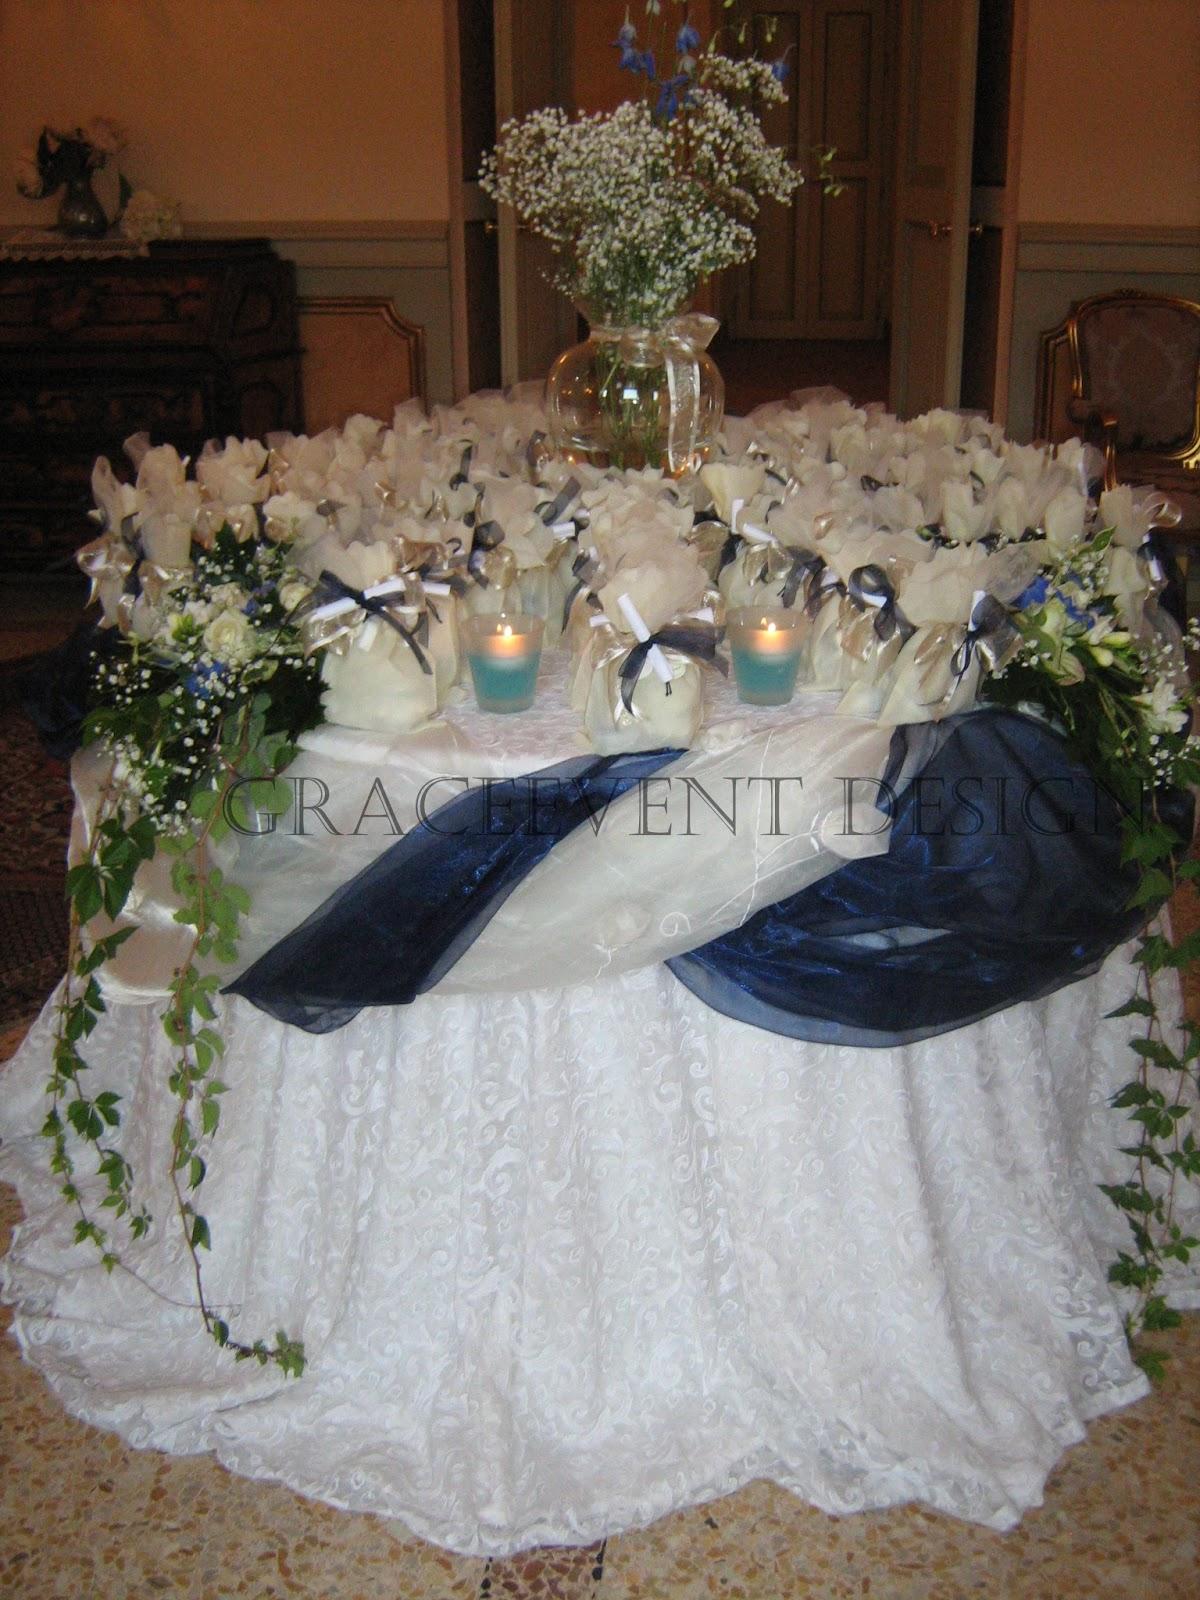 Matrimonio Tema Bianco E Blu : Nozzeeventi bio ed eco chic matrimonio in bianco blu con